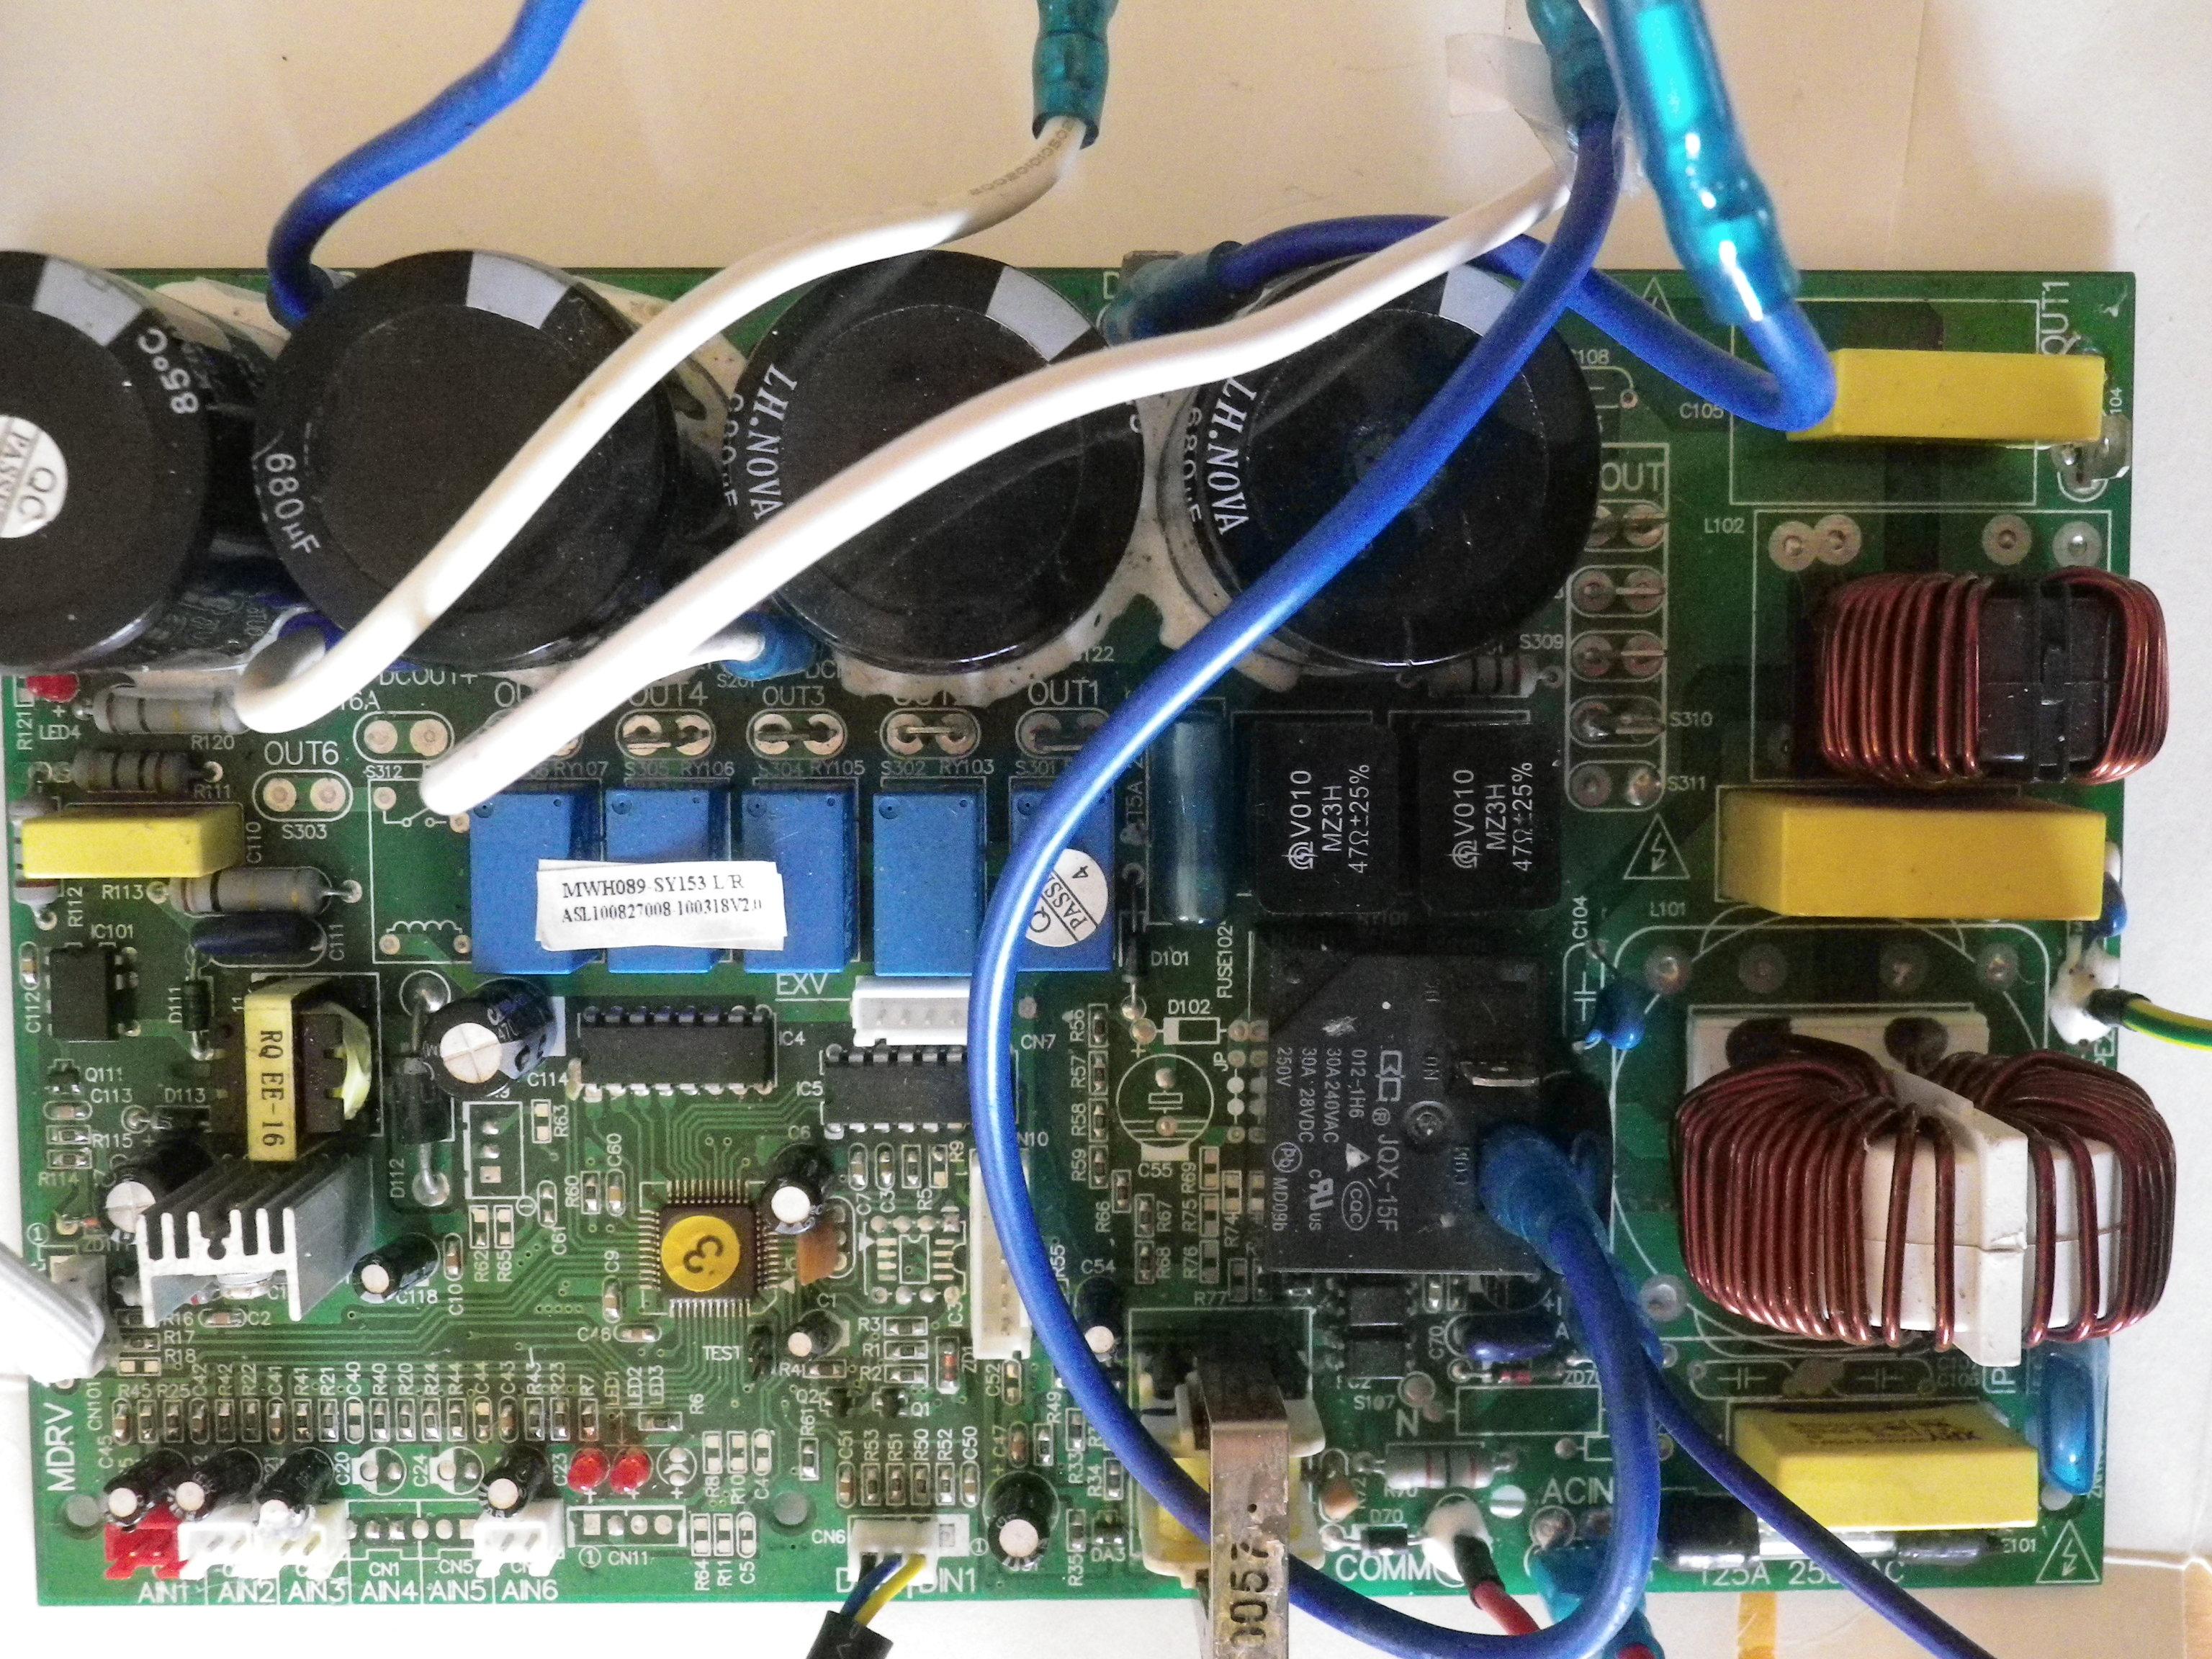 D pannage panne pac air eau carte lectronique ne fonctionne plus - Comment tester un circuit electronique ...